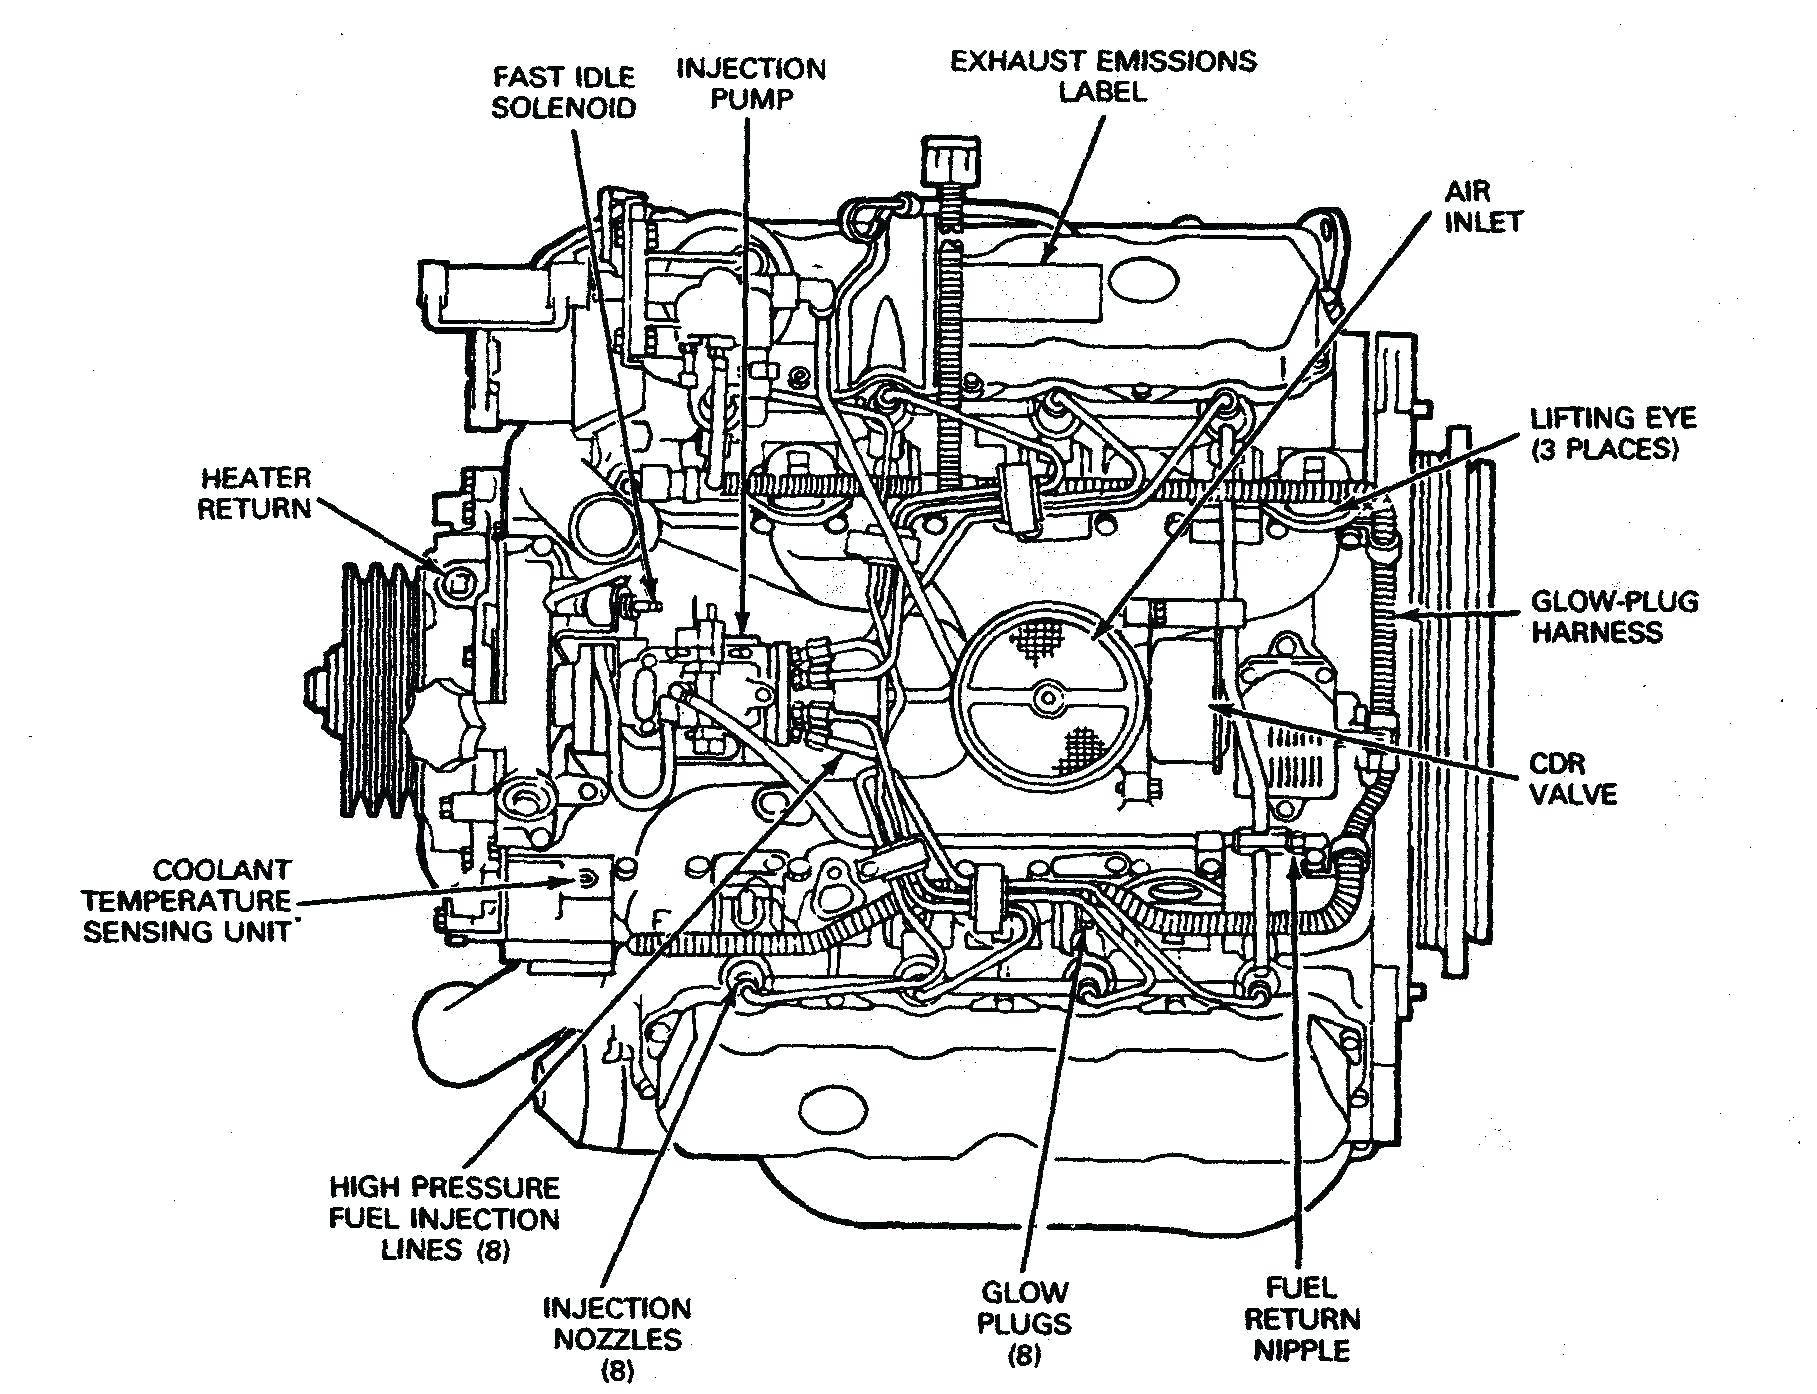 vw bus engine diagram catmp skyscorner de \u2022vw bus engine diagram auto electrical wiring diagram rh 178 128 22 10 dsl dyn forthnet